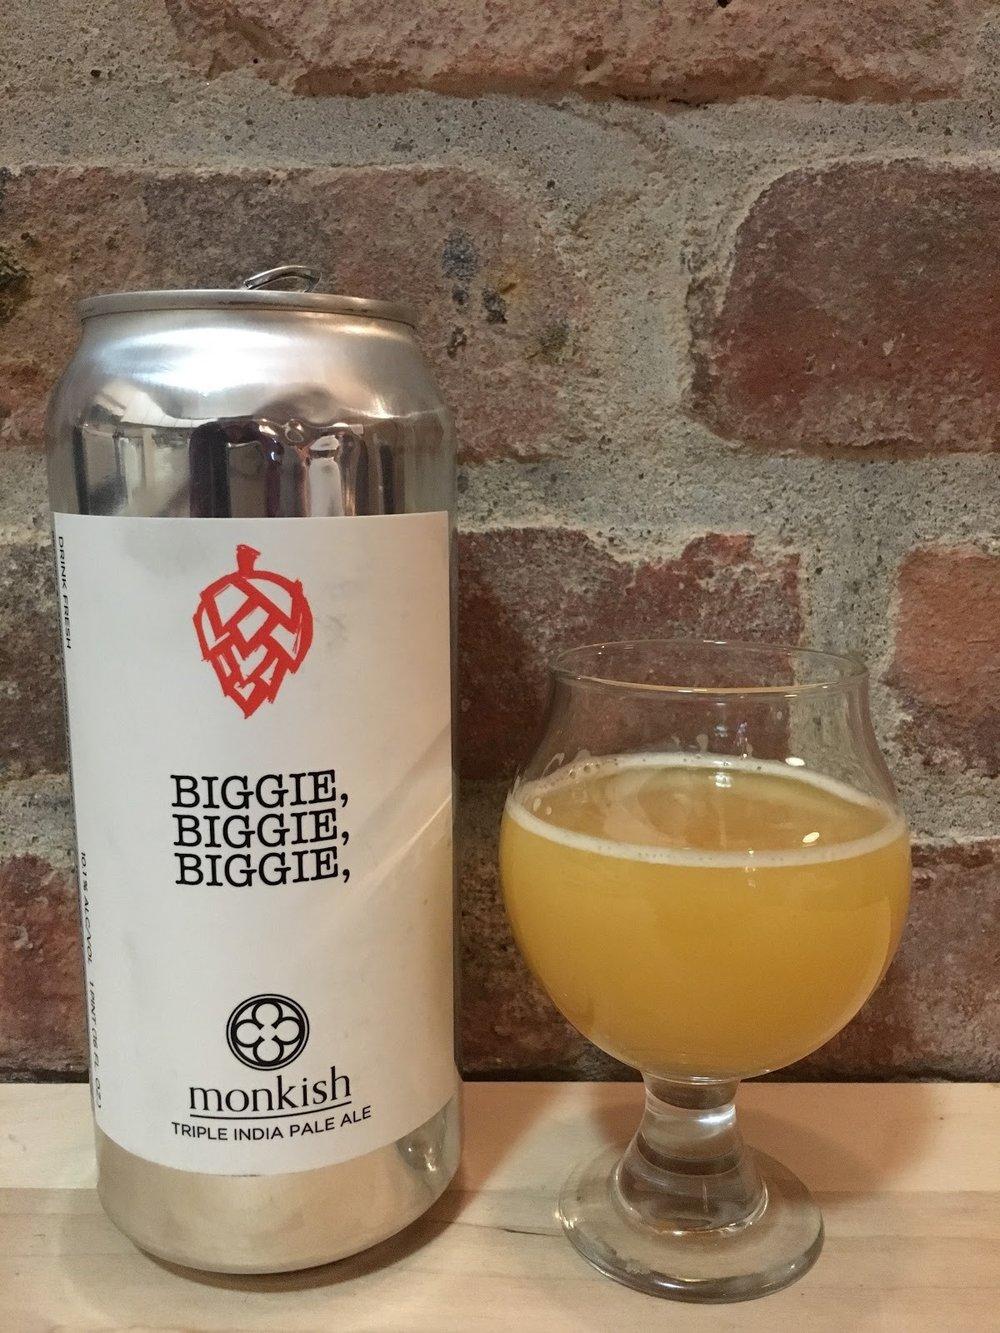 10. Monkish Brewing - Biggie, Biggie, Biggie